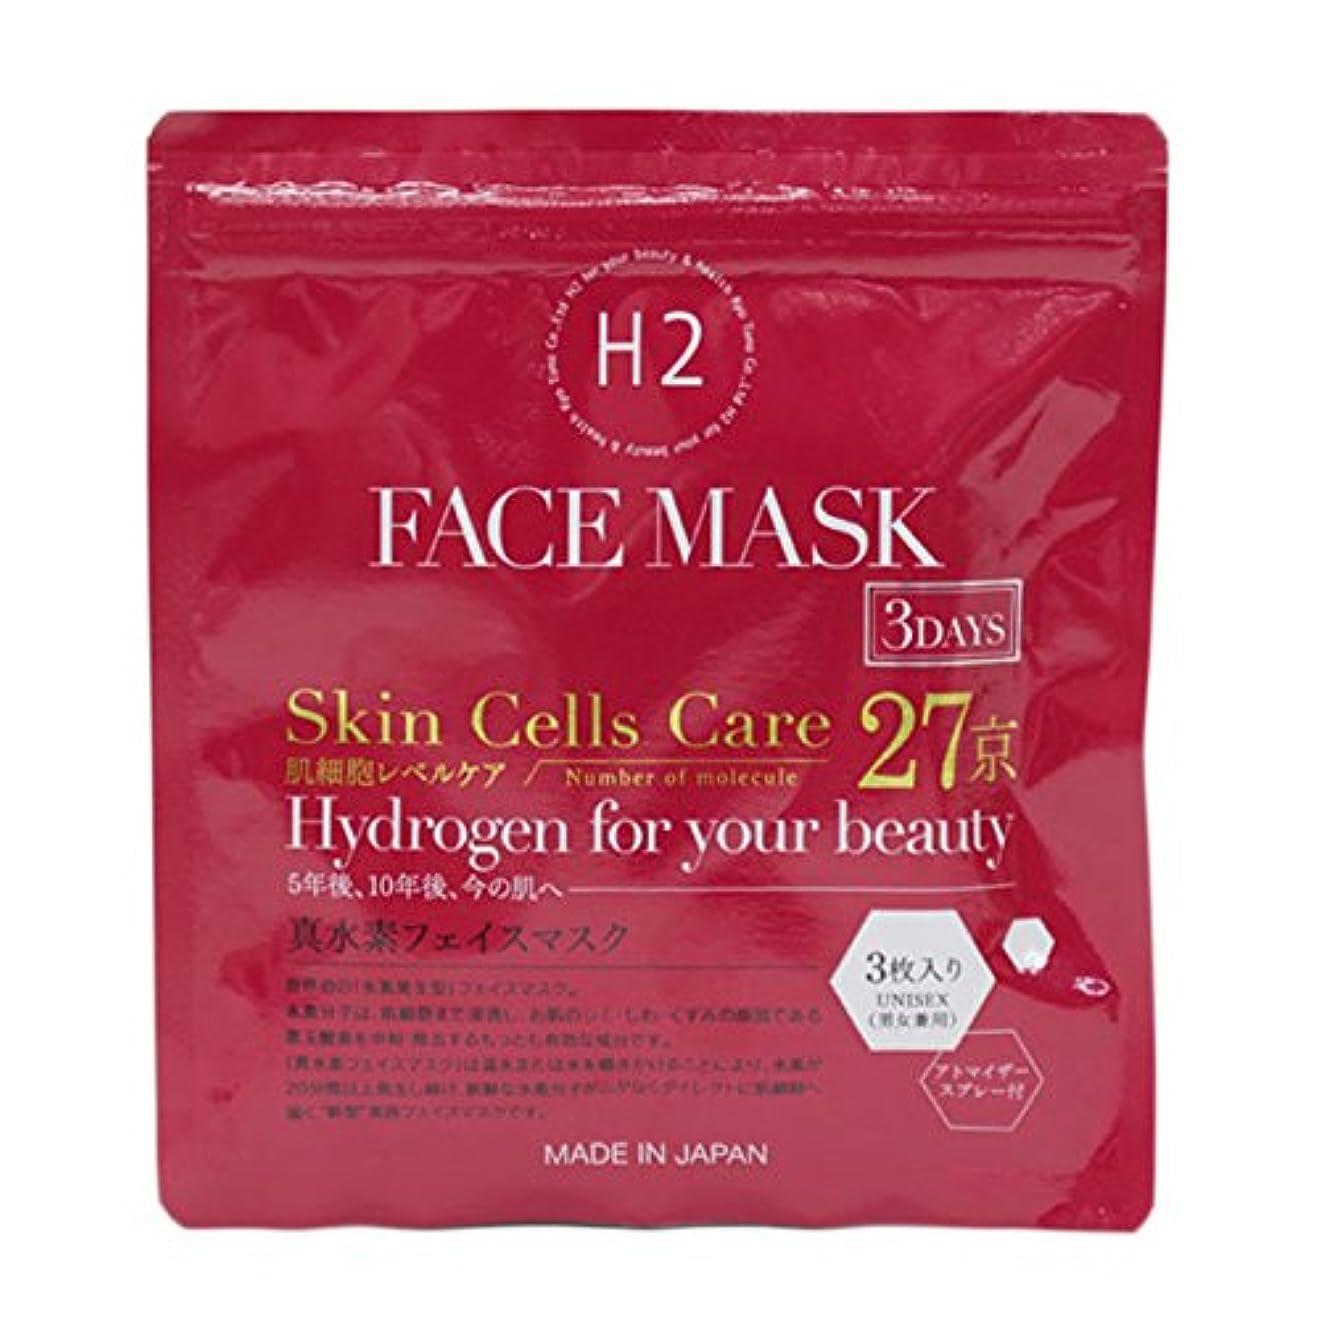 アレルギーとまり木王族Kyotomo 真水素フェイスマスク 3枚